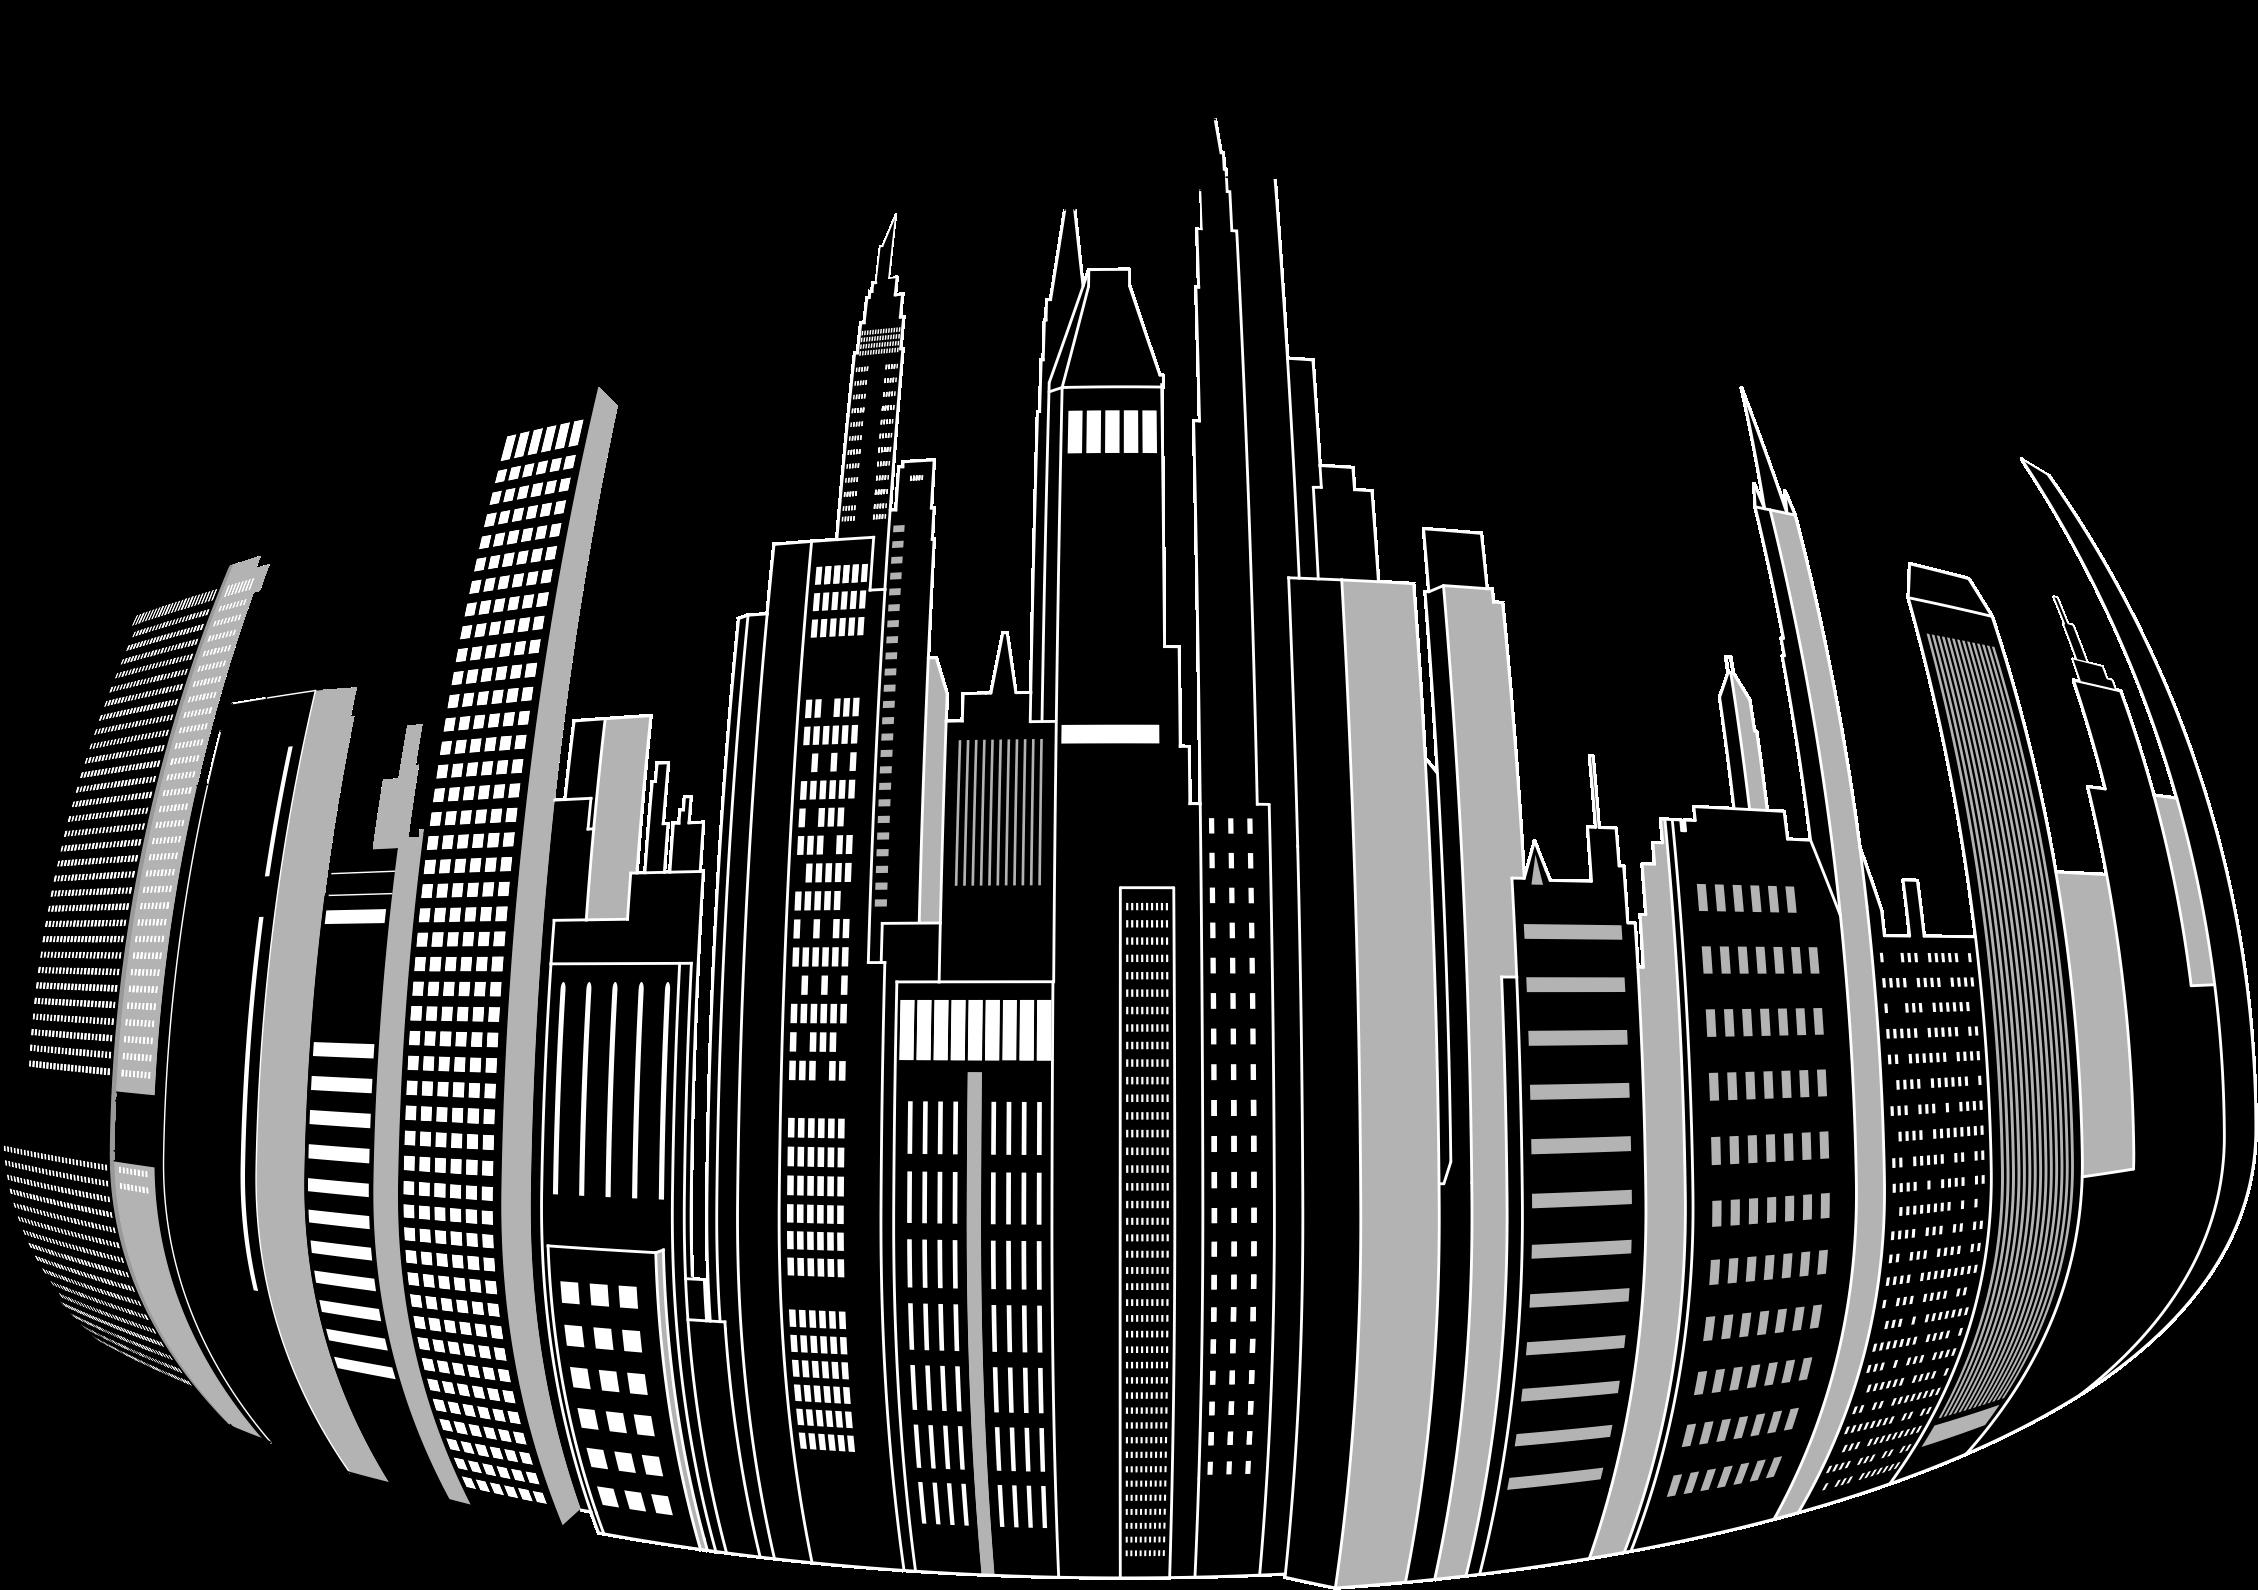 2258x1590 Cliparts For Free Download Cityscape Clipart Skyscraper